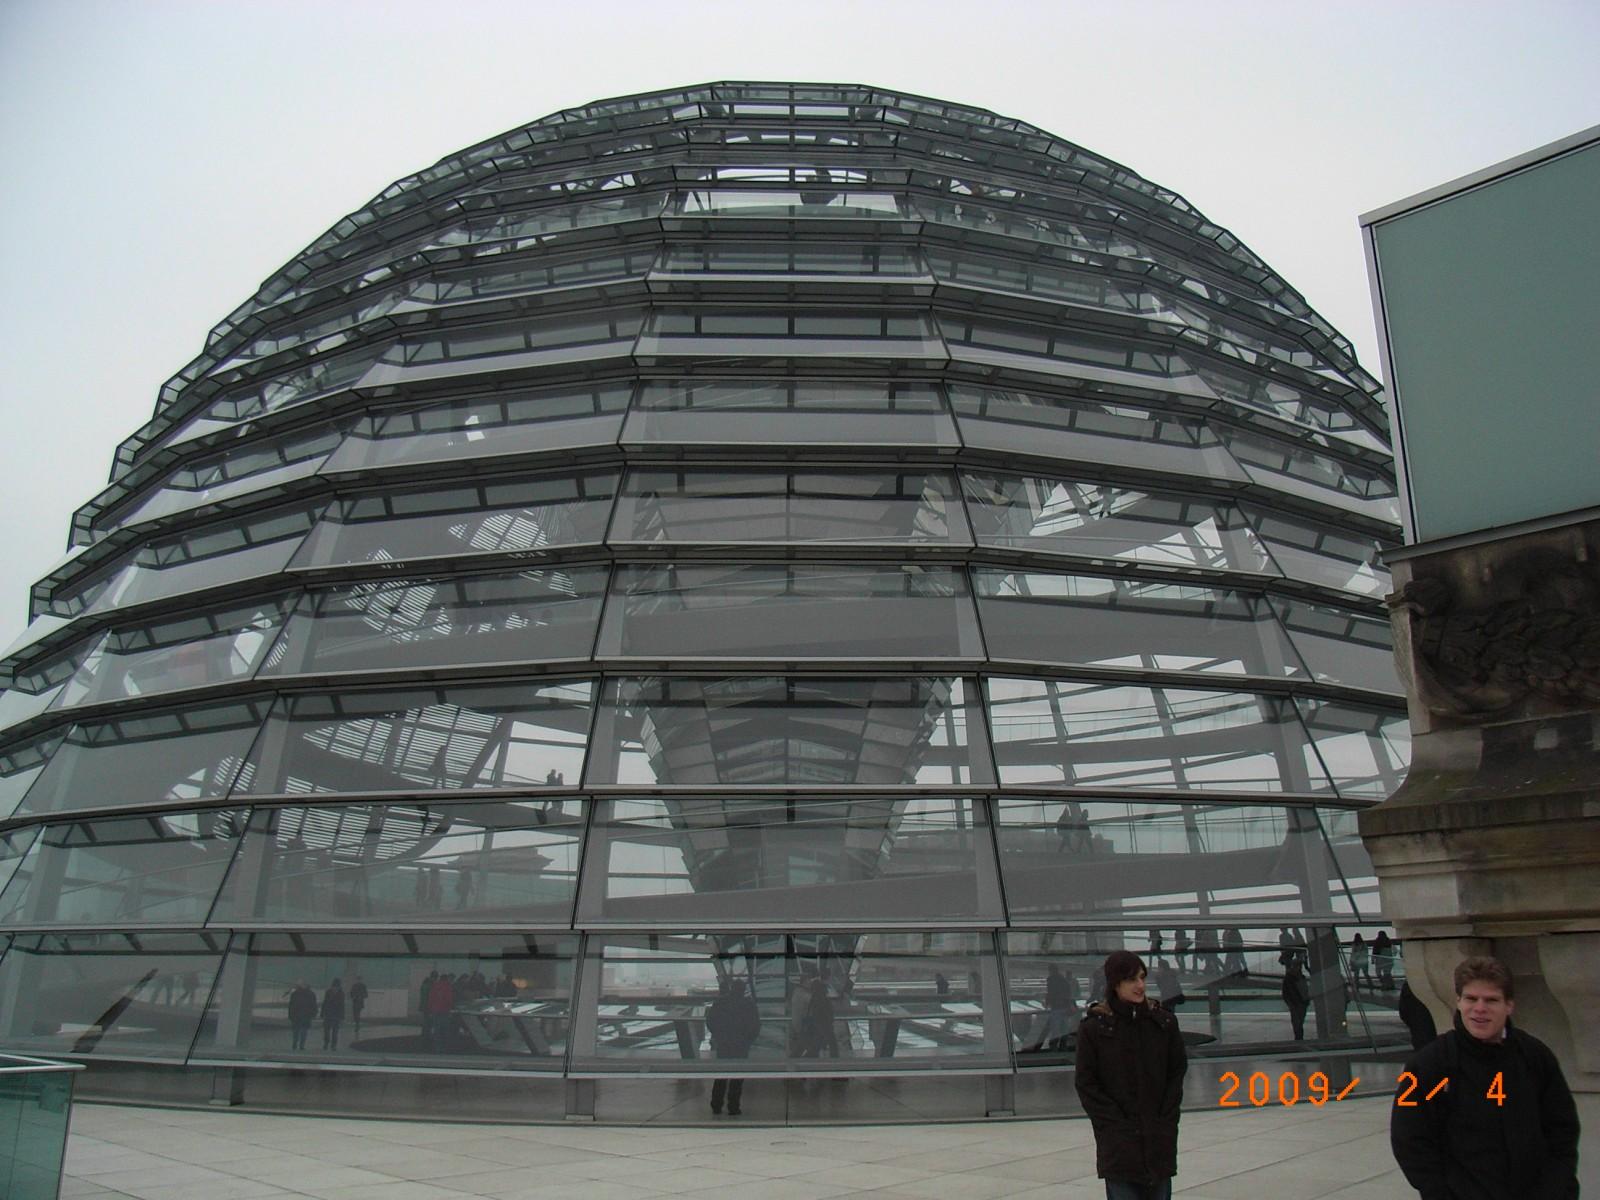 ENTFÄLLT Besuch des Bundestags Berlin 2021 - Union Reiseteam